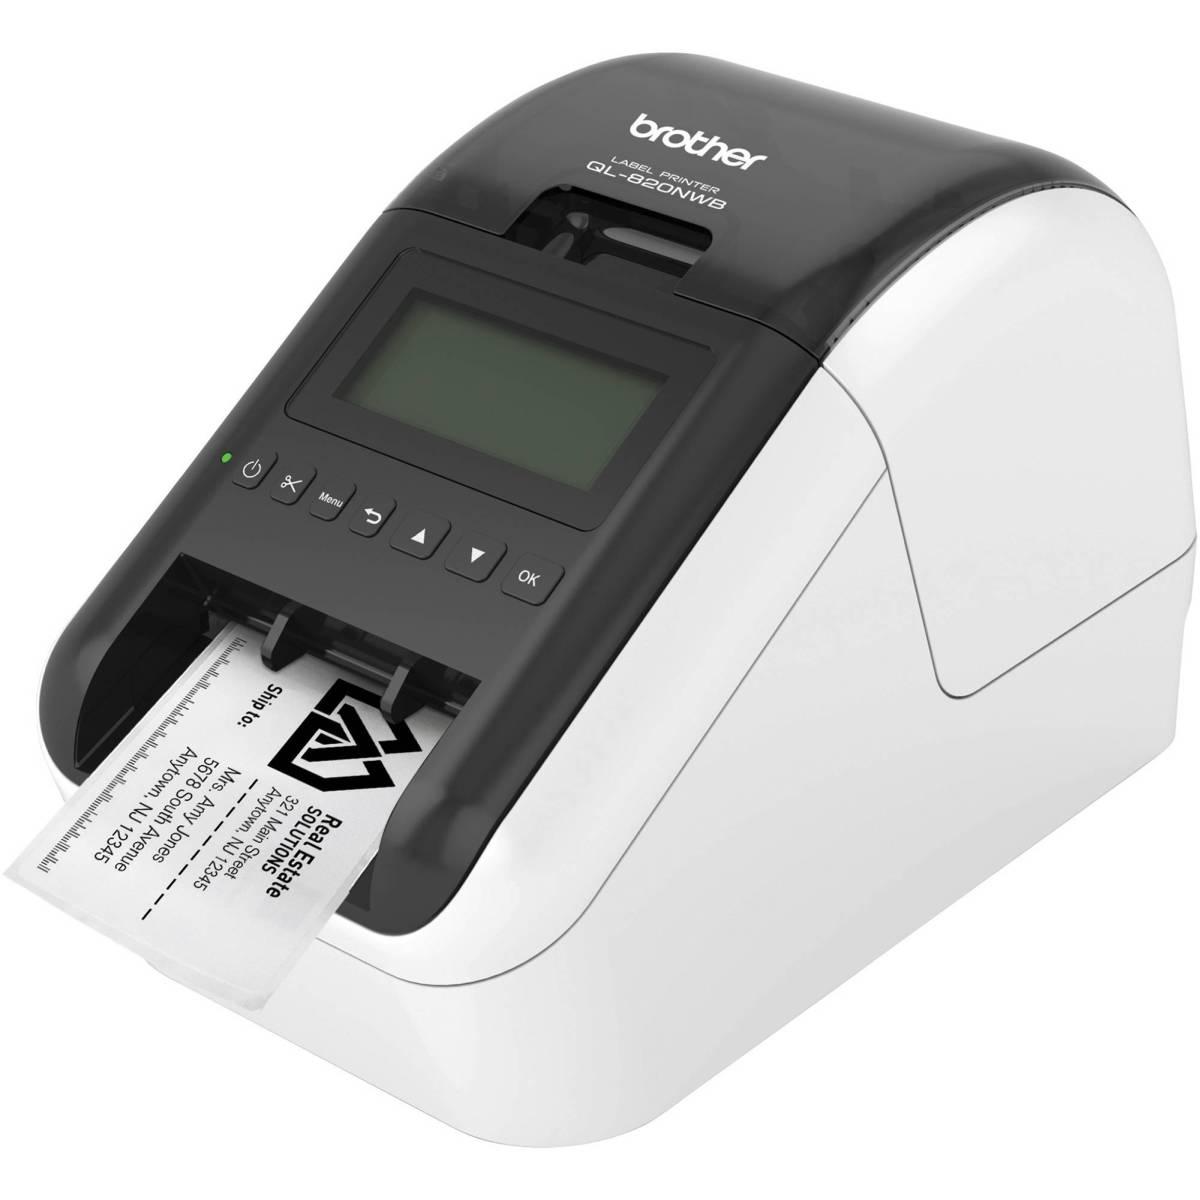 Brother QL-820NWB tiskárna samolepících štítků, WiFi, Ethernet, Bluetooth